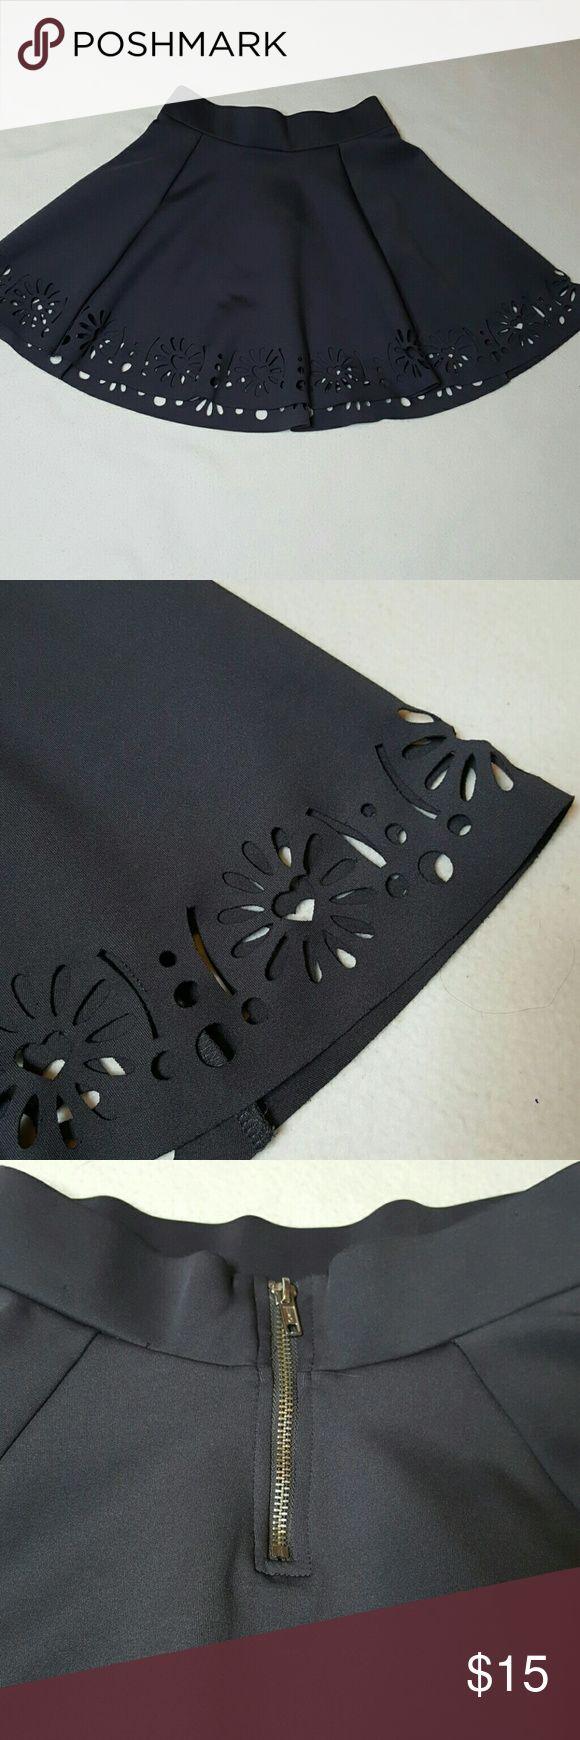 Dark Gray Divided Skirt Size 4 $15 Dark Gray Divided Skirt Size 4 $15 Divided Skirts Mini